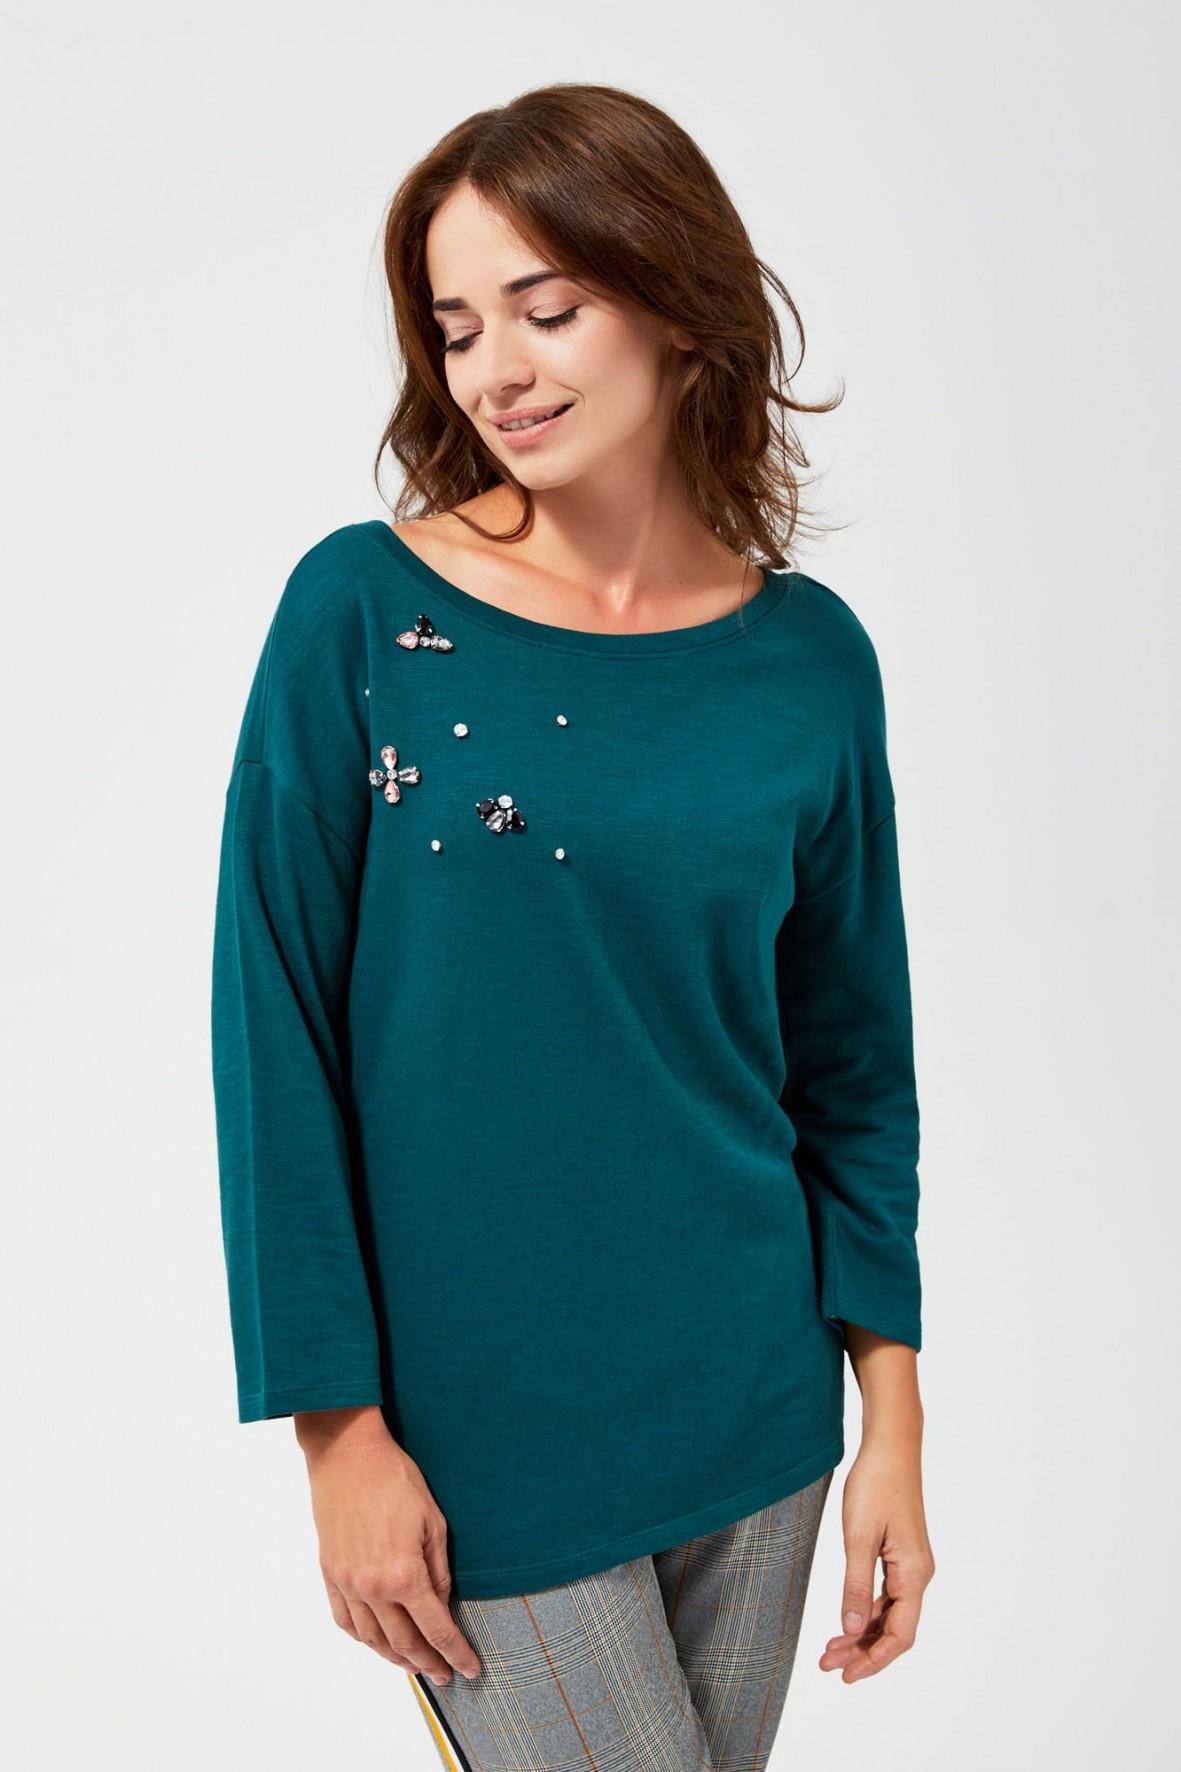 Zielona bluzka damska z ozdobnymi alikacjami